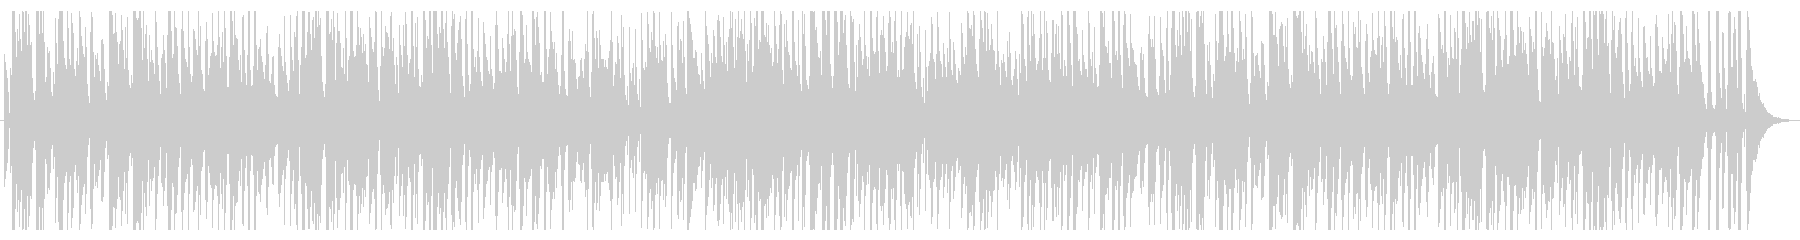 お洒落なジャズピアノトリオ19 軽快の未再生の波形